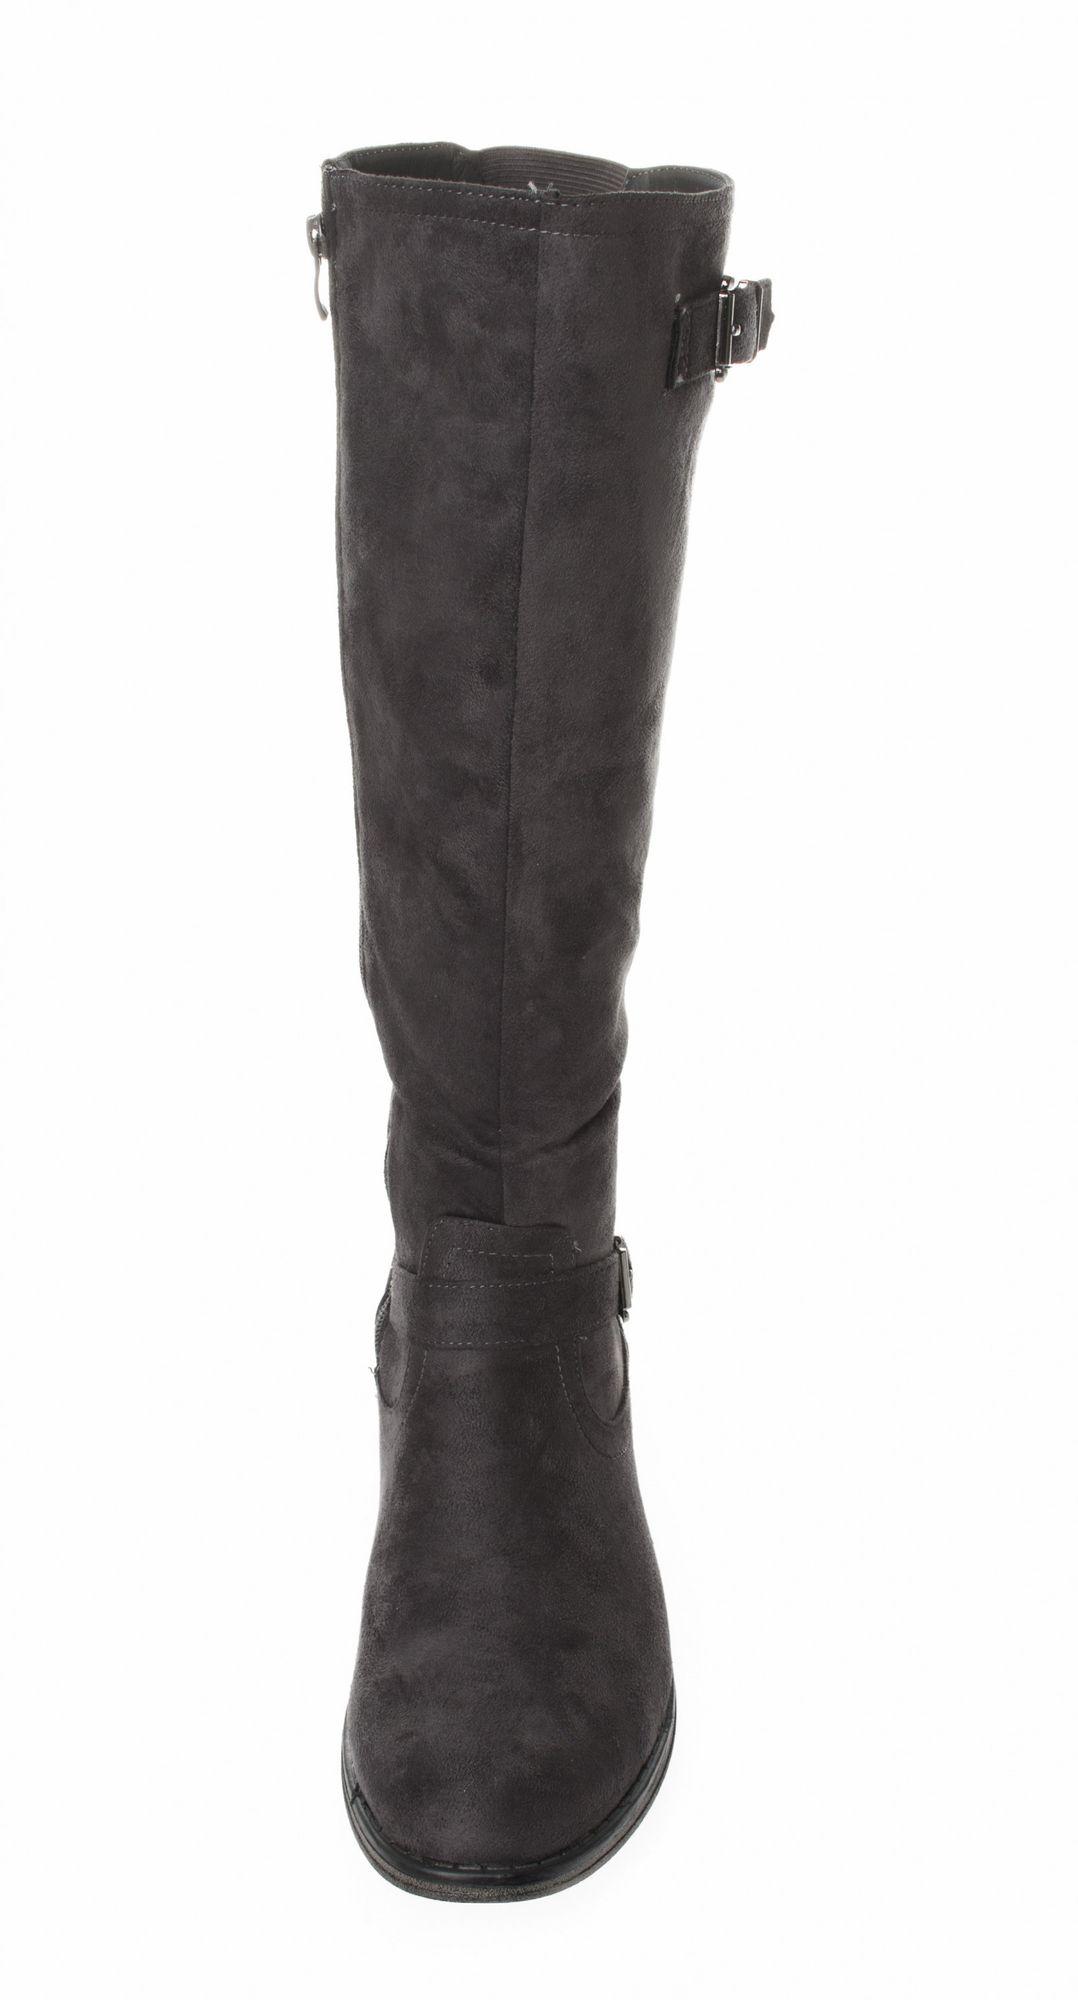 FITTERS FOOTWEAR - Vanessa - Damen Stiefel - Grau Schuhe in Übergrößen – Bild 4